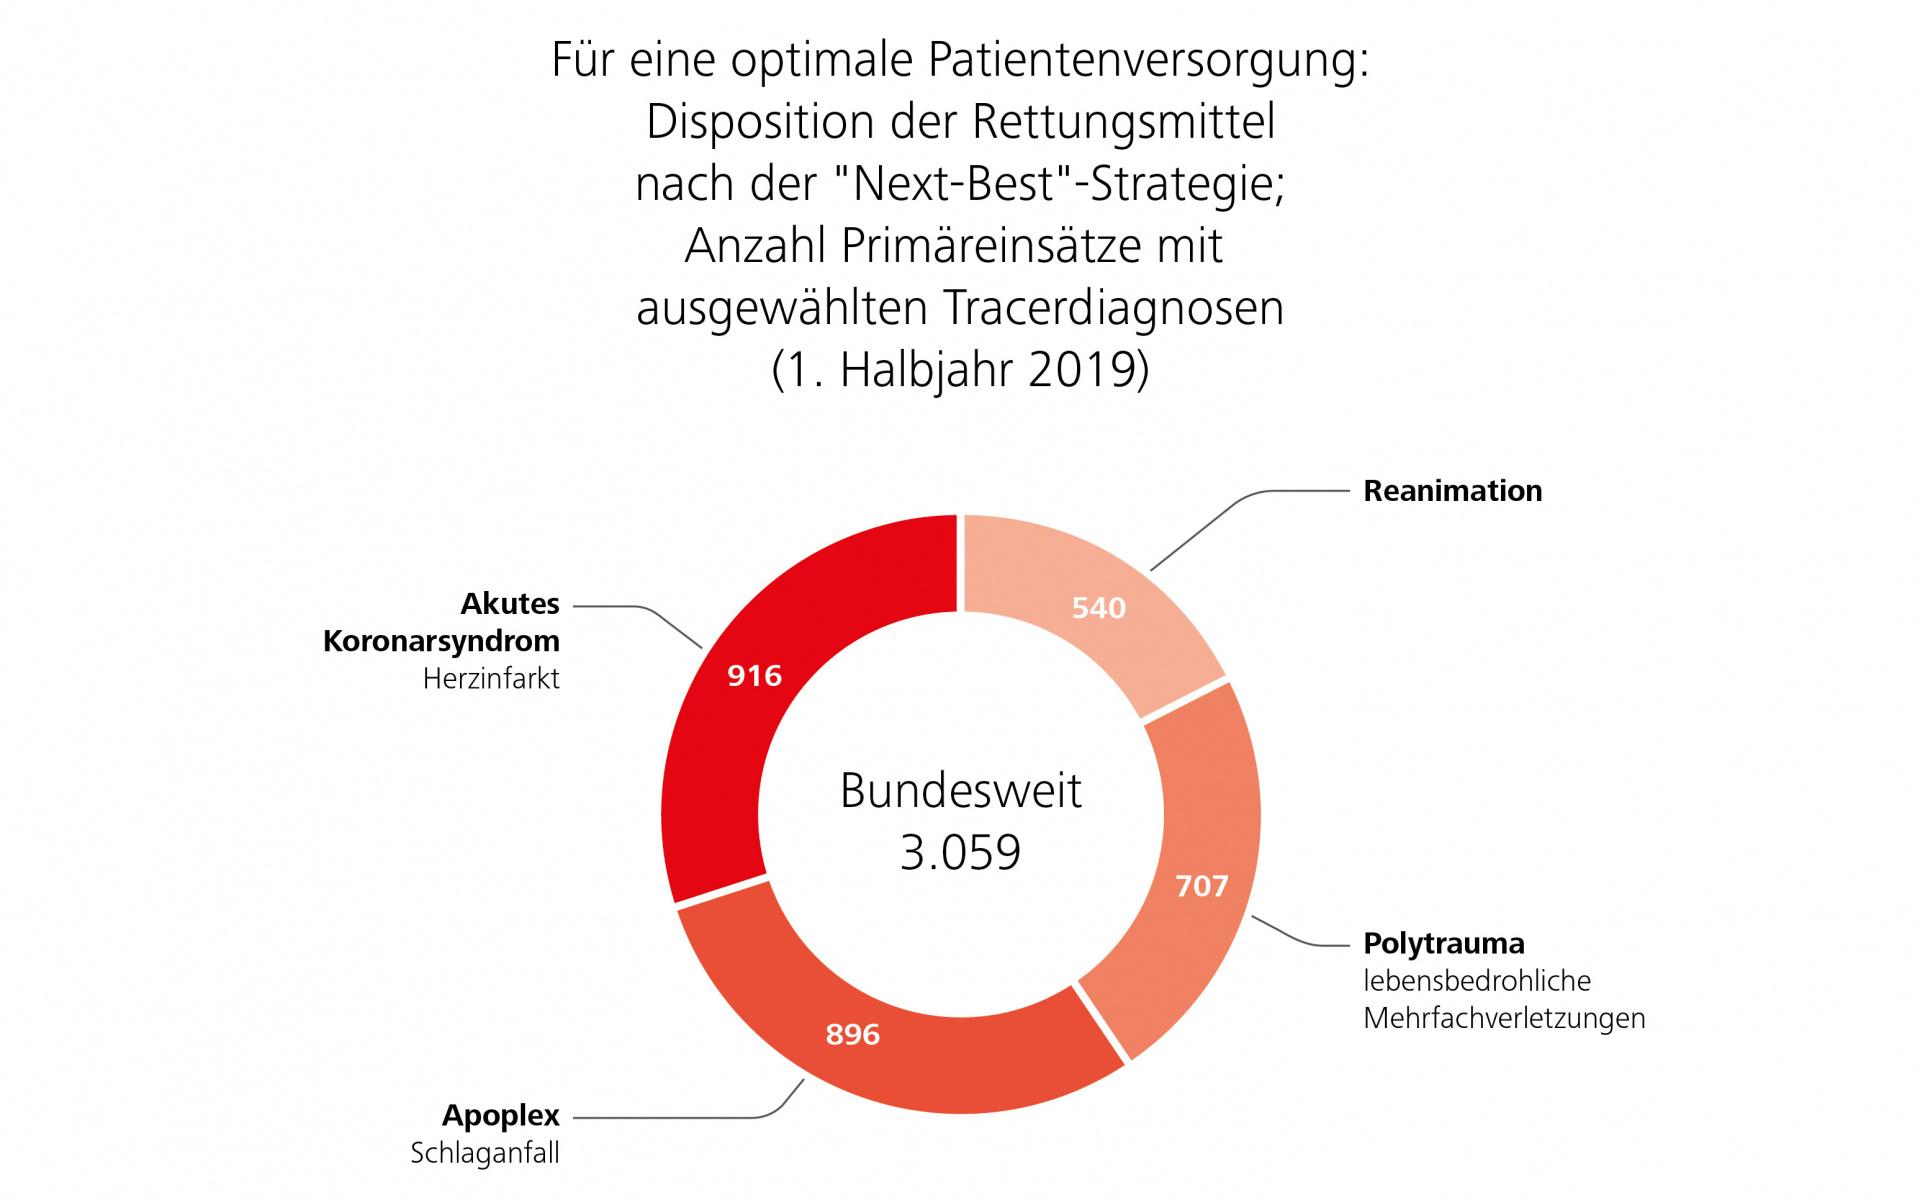 Anzahl Primäreinsätze mit ausgewählten Tracerdiagnosen. 1. Halbjahr 2019 – bundesweit.